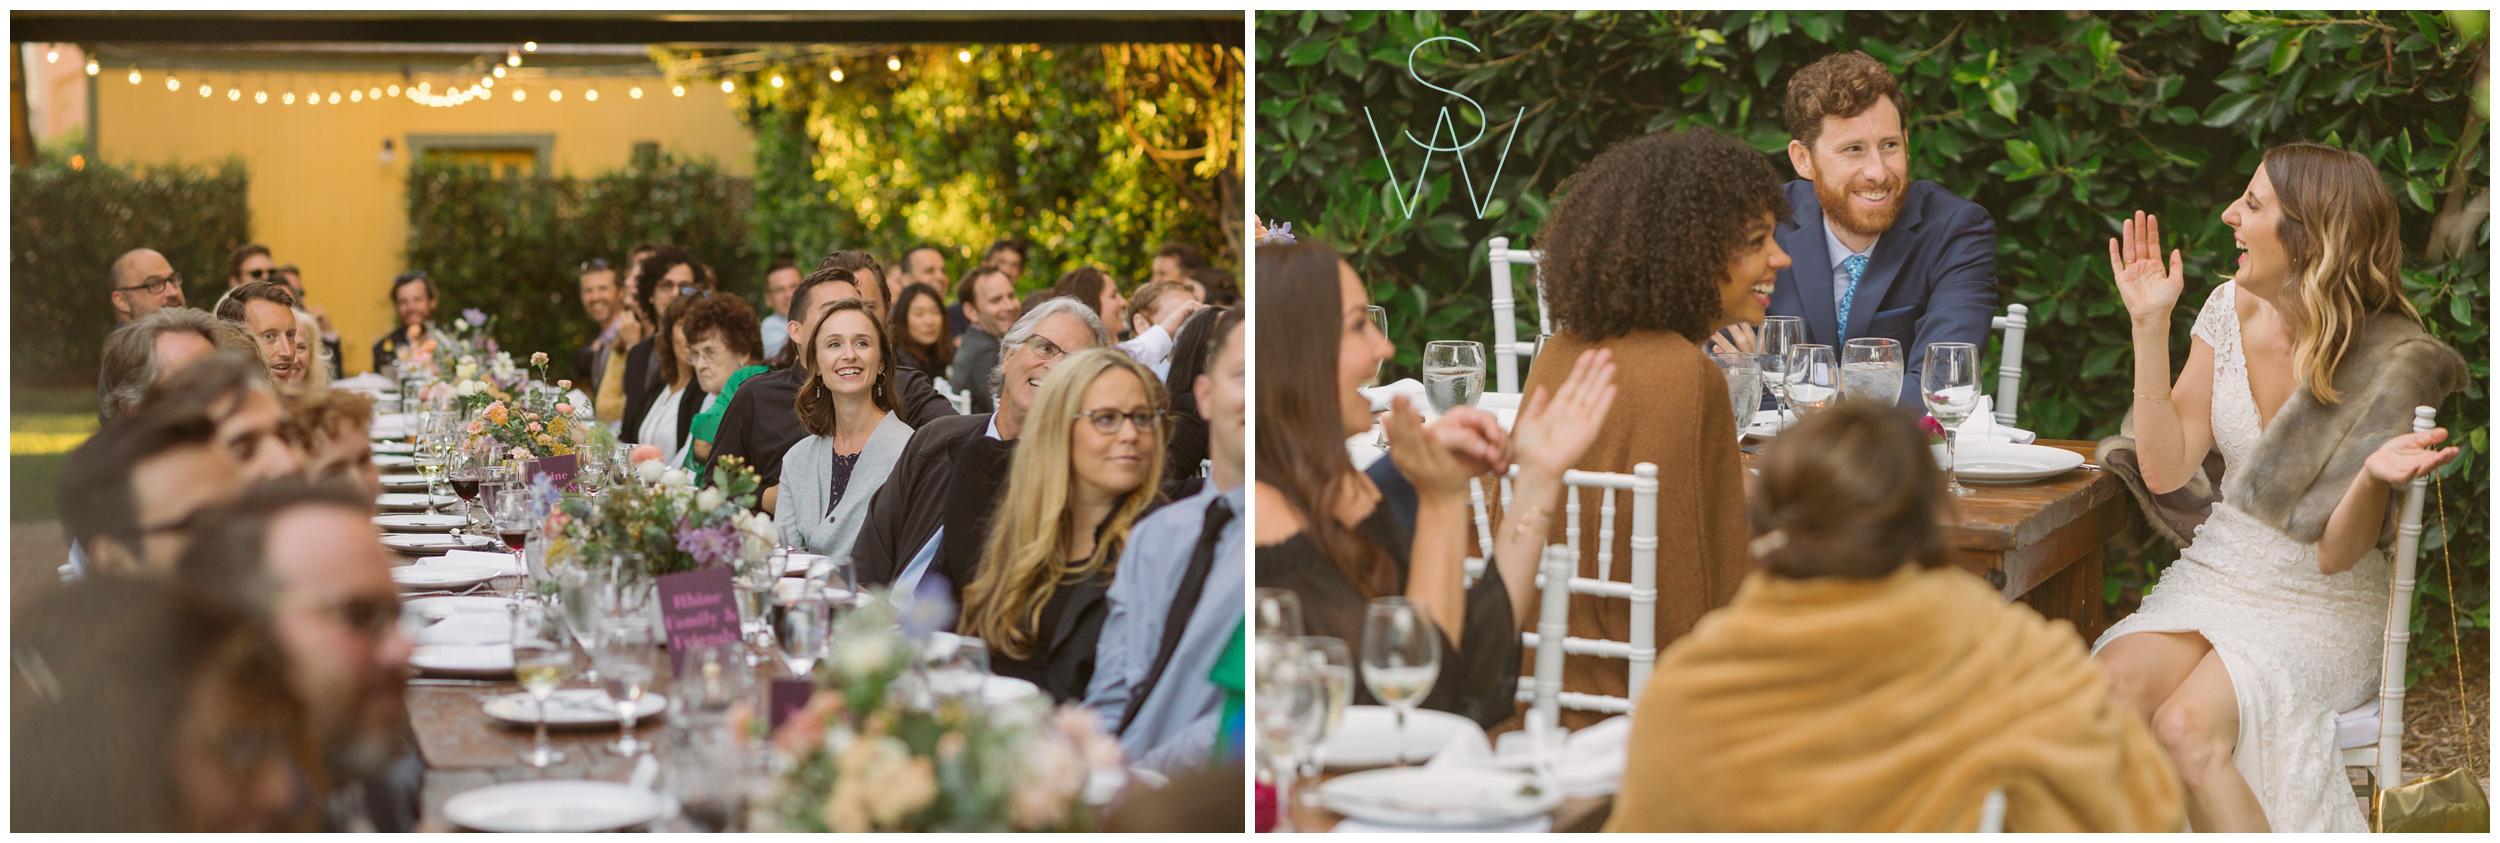 shewanders.san.diego.wedding.britt.scripps.inn-204.jpg